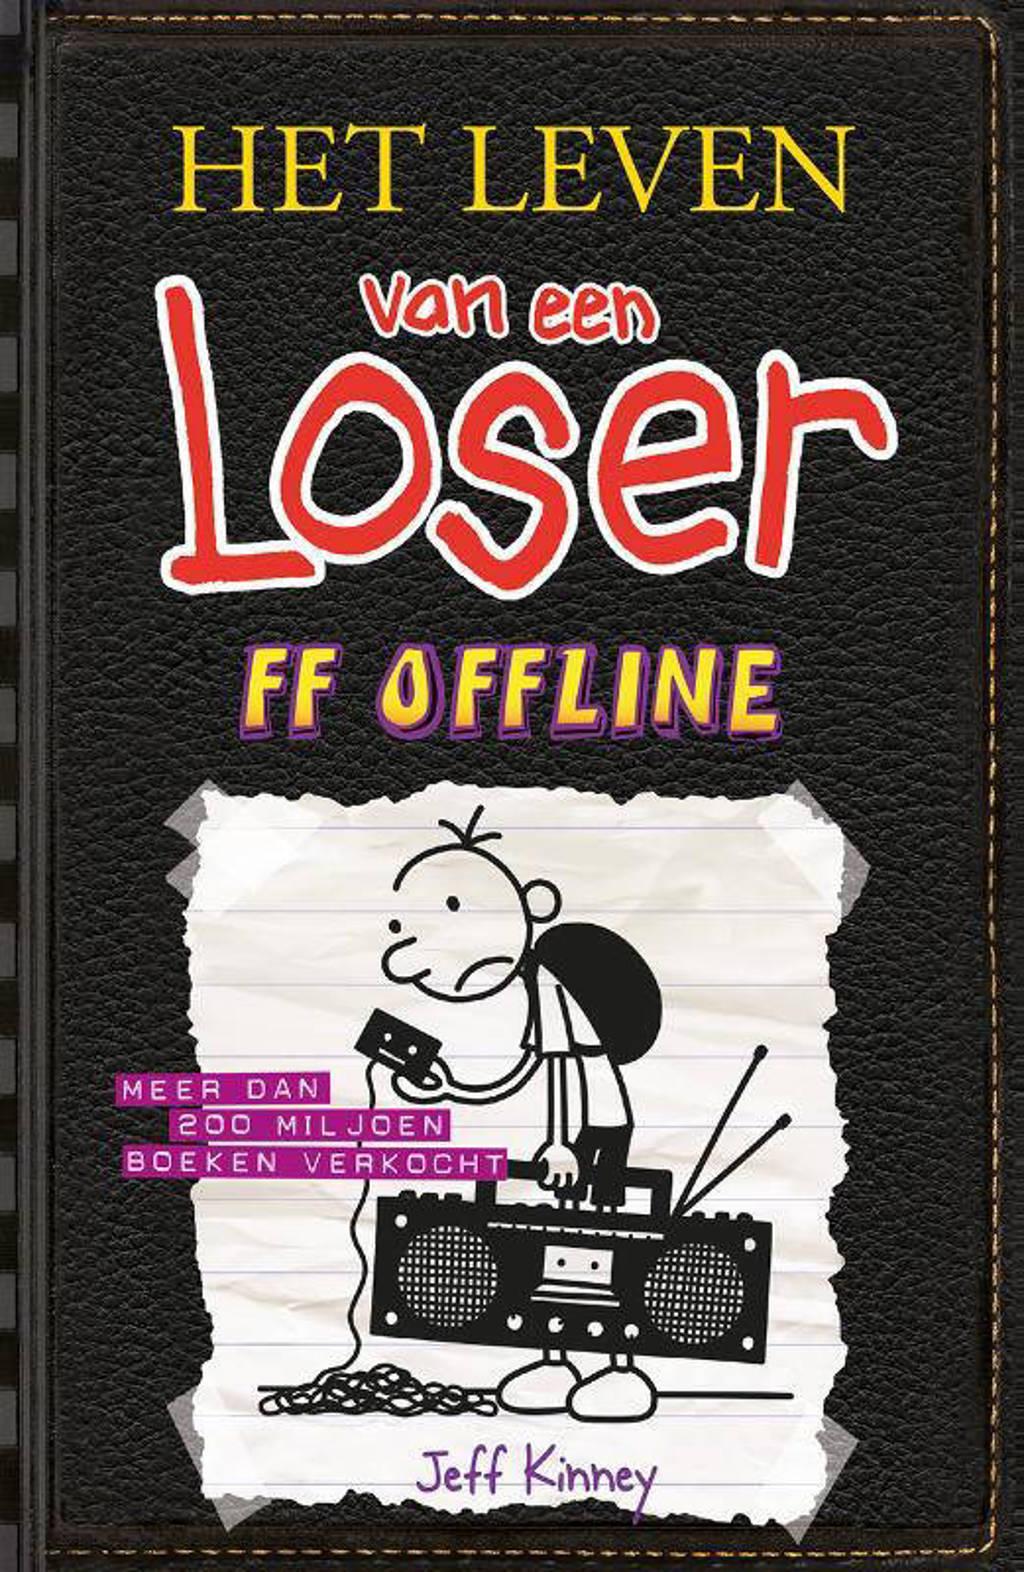 Het leven van een Loser: Ff offline - Jeff Kinney